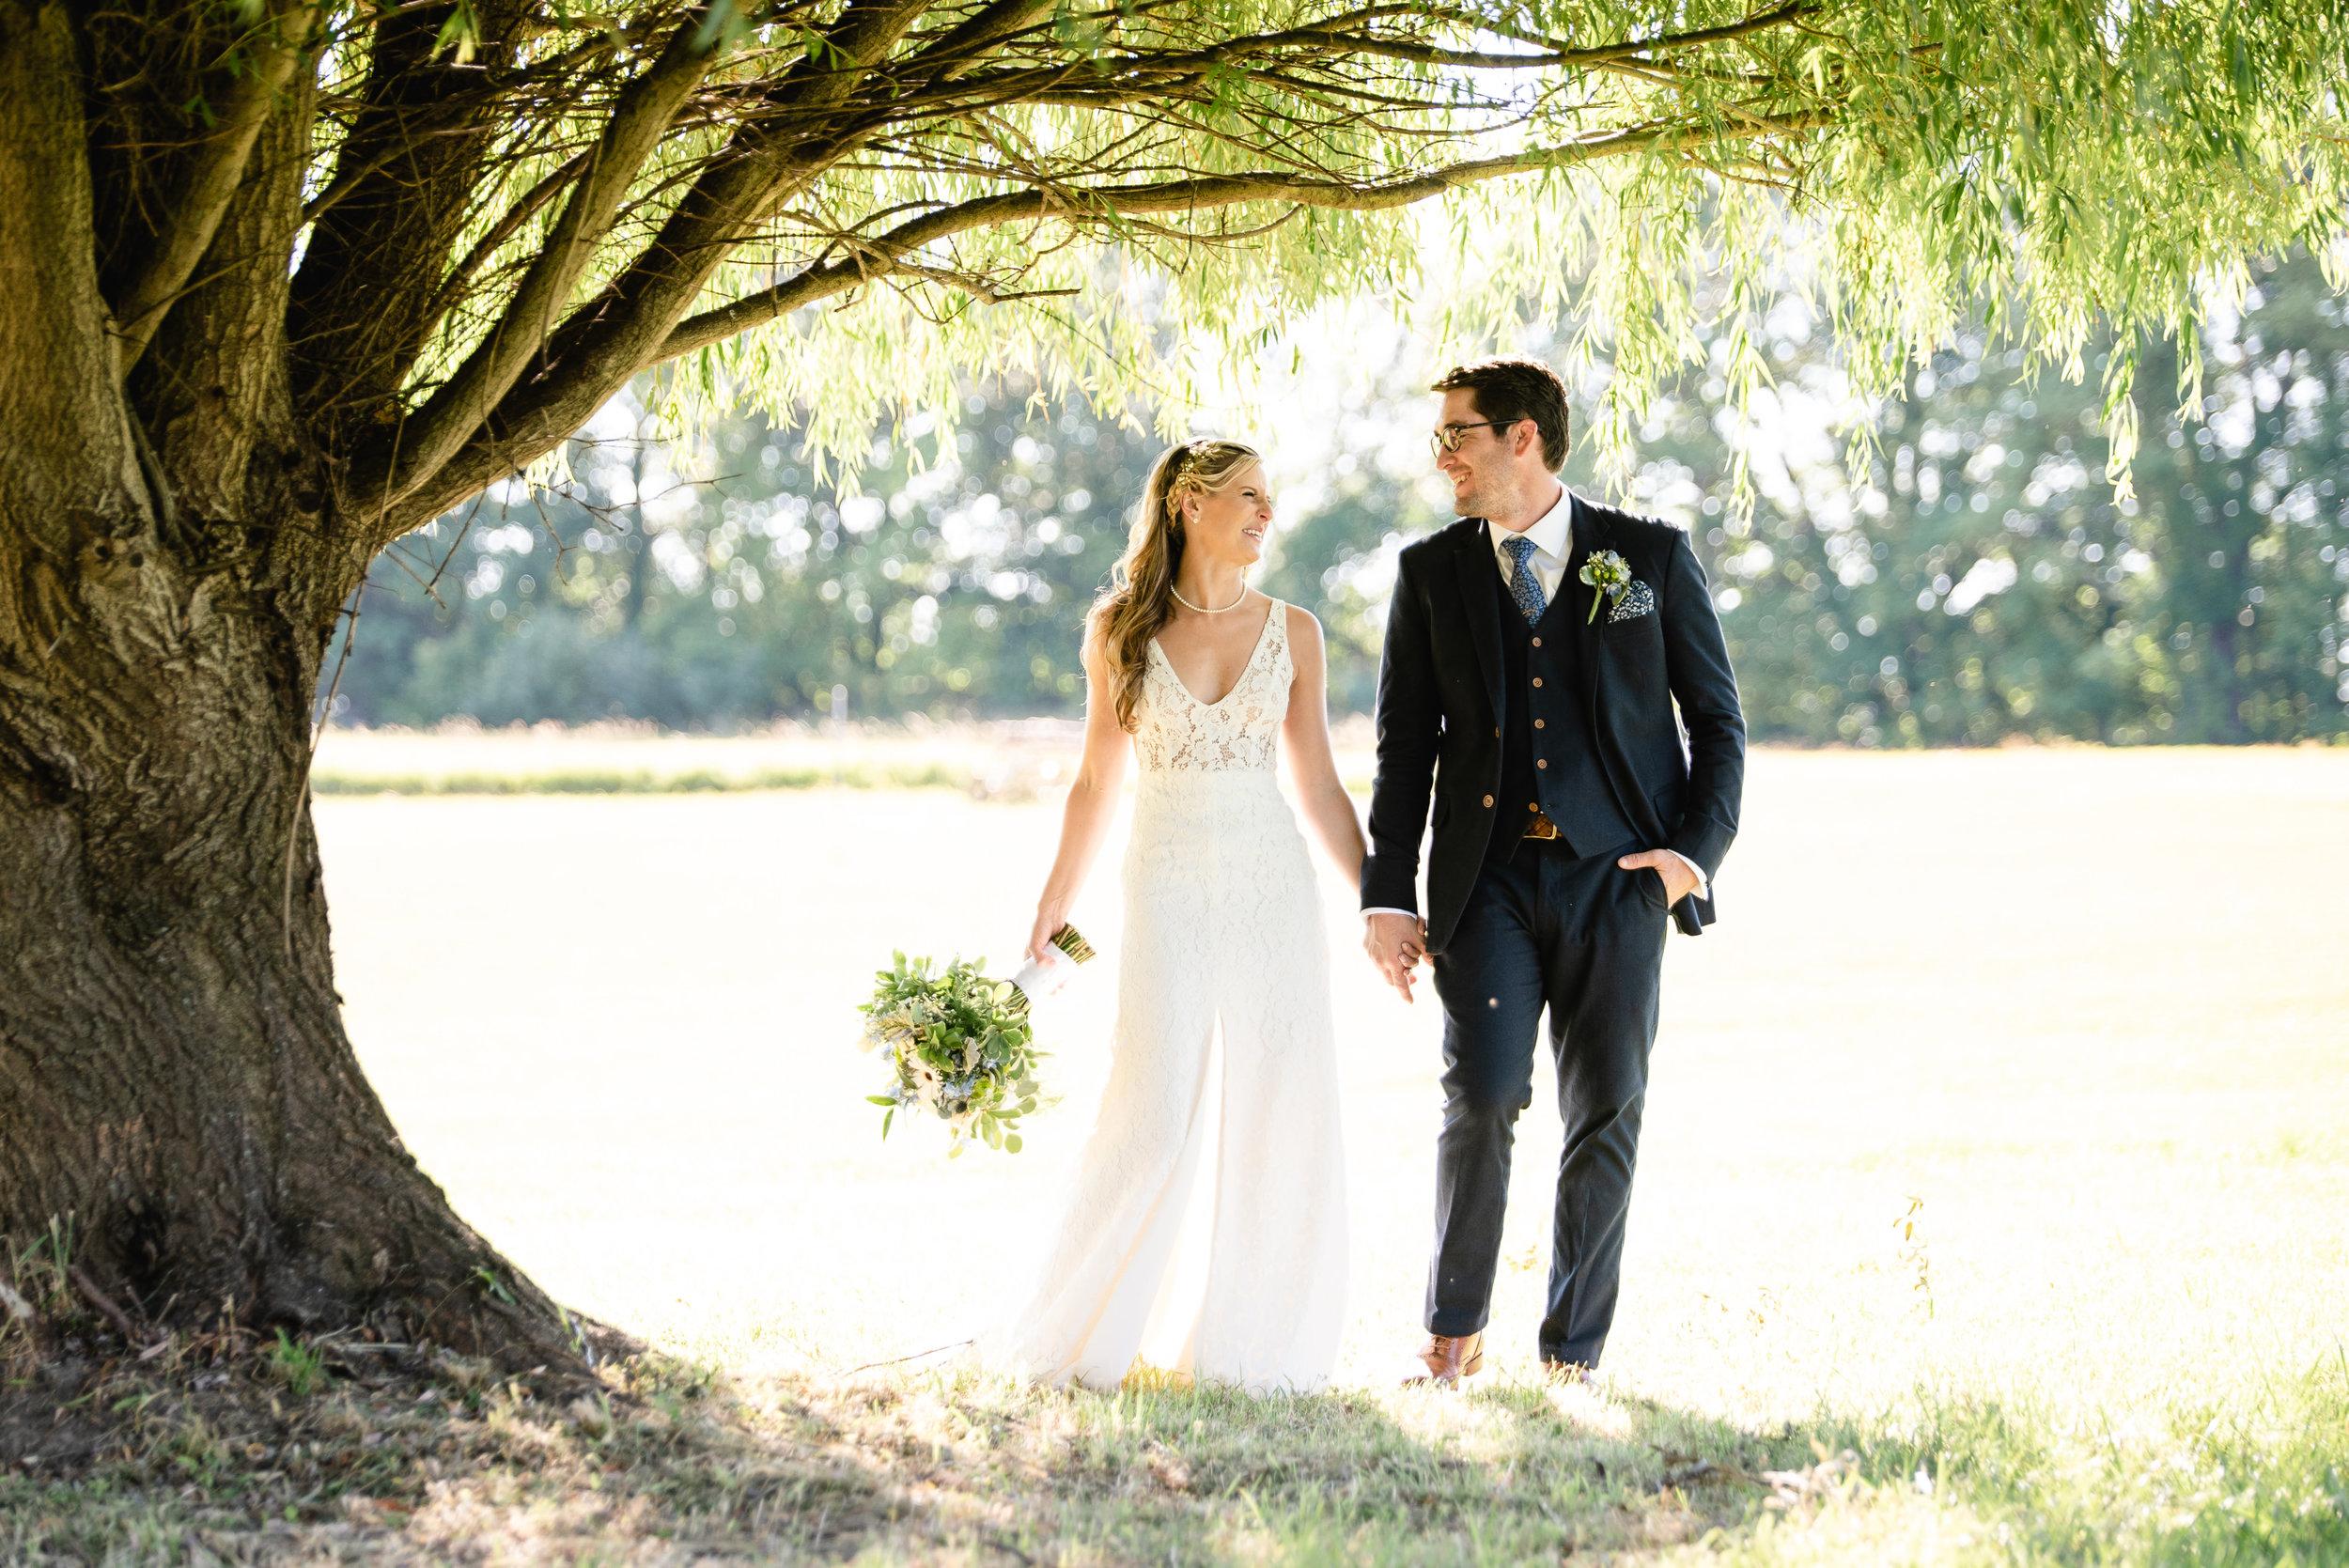 LINDSAY_WEDDING_BORN_TO_RUN_FARM_2730.jpg